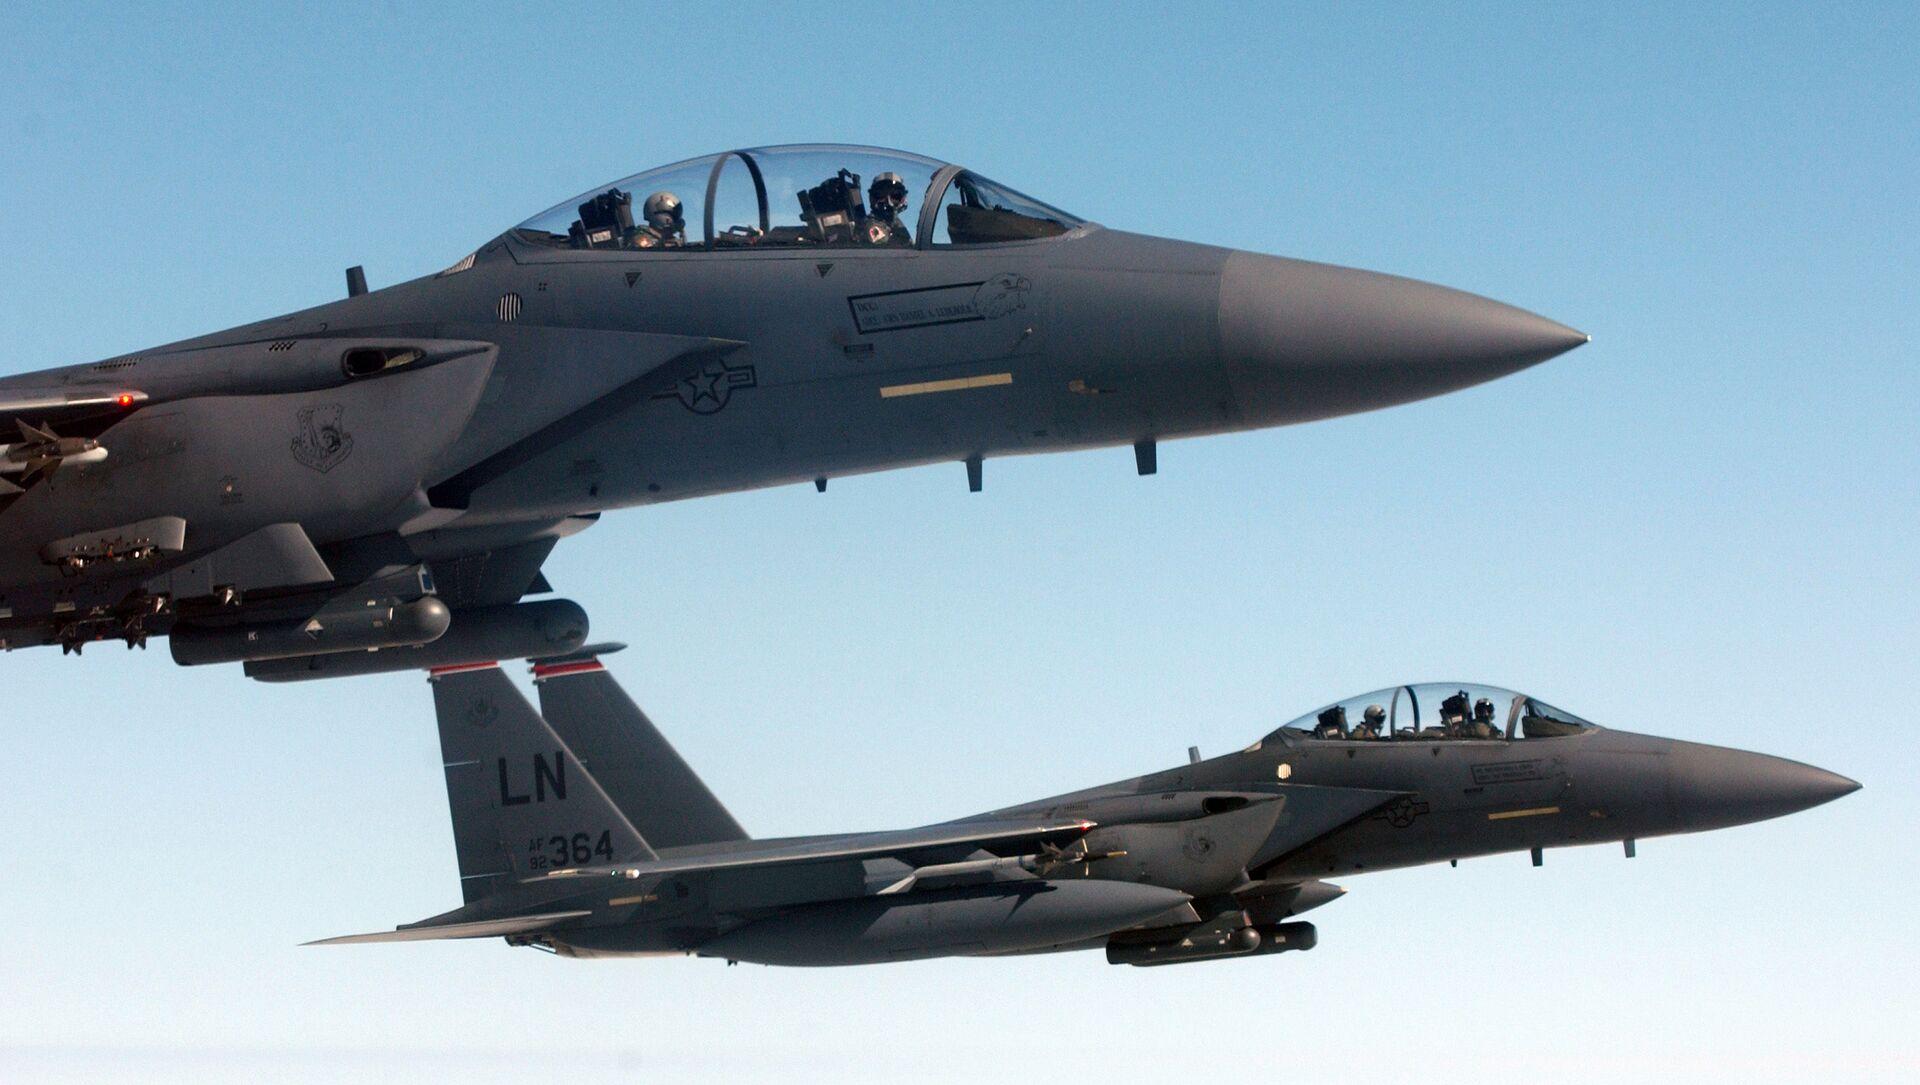 Máy bay chiến đấu-ném bom hai chỗ ngồi F-15E của Mỹ - Sputnik Việt Nam, 1920, 02.04.2021